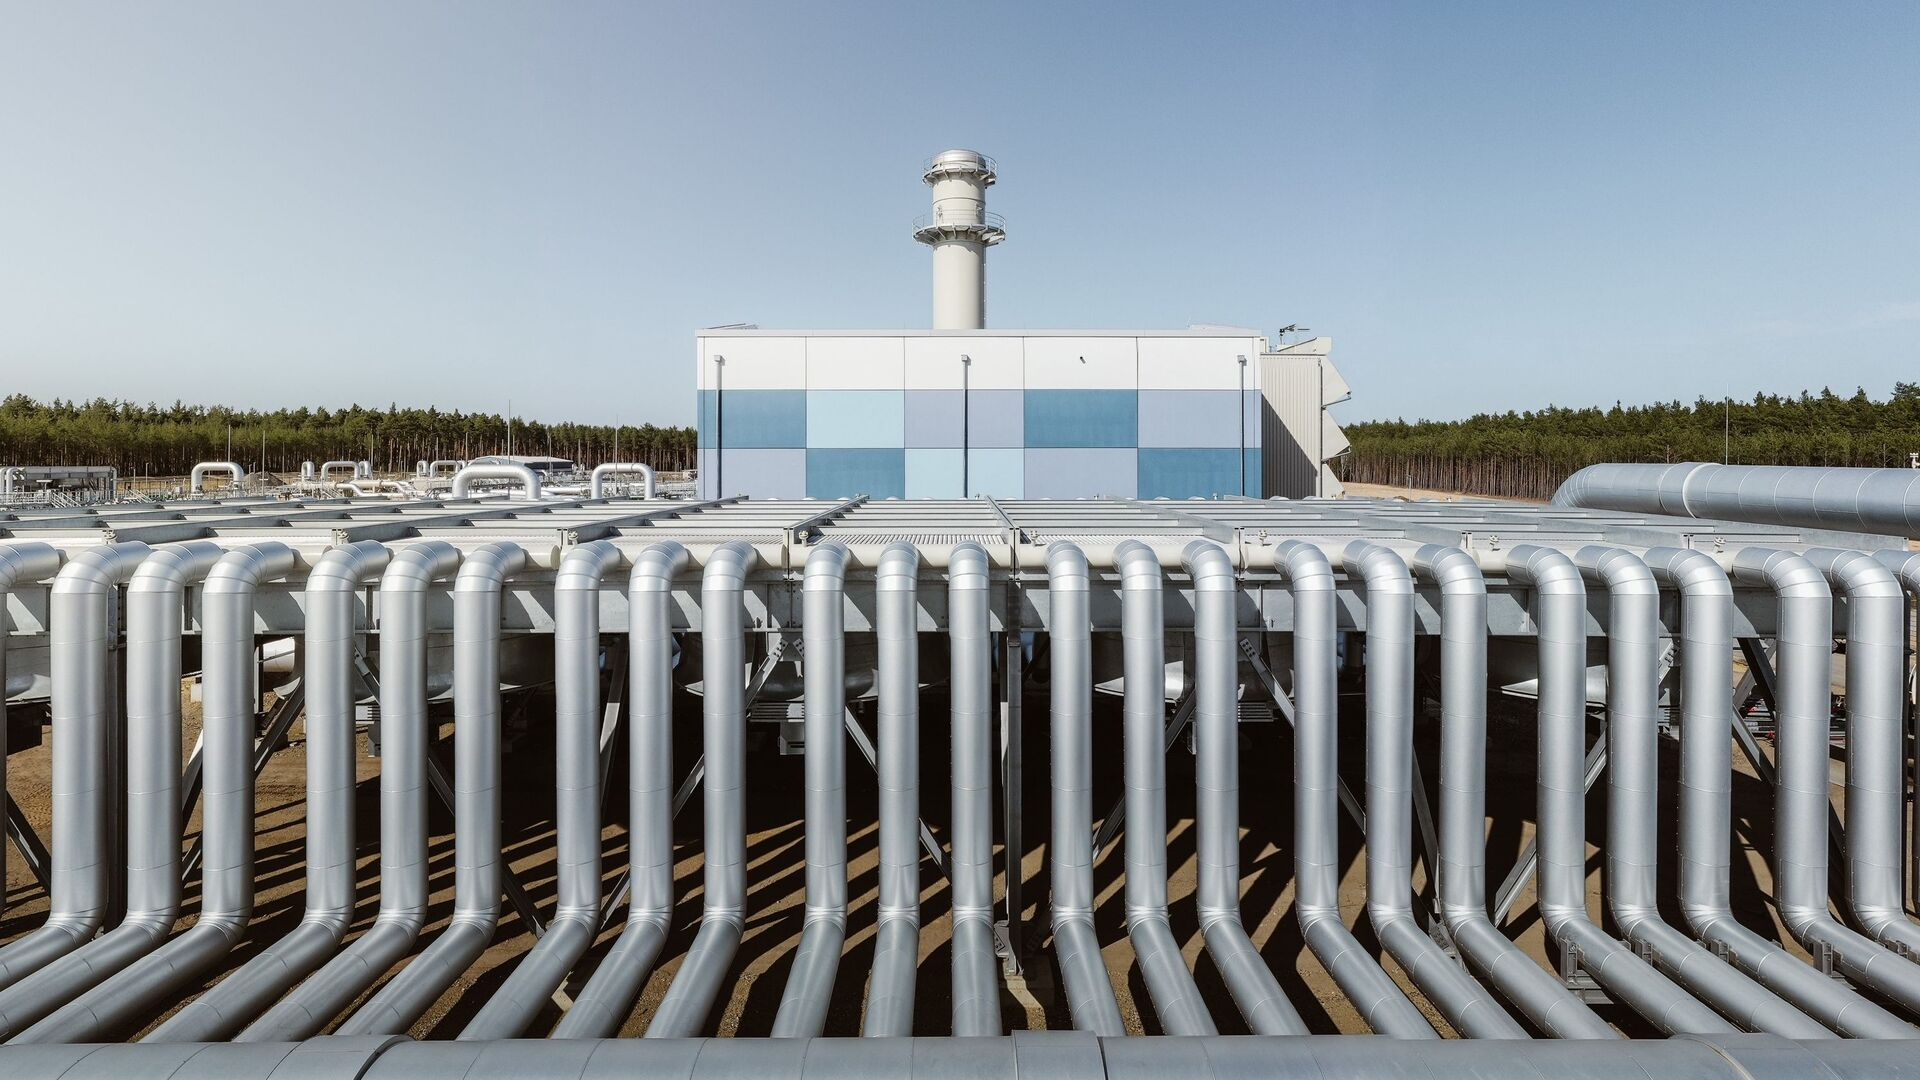 Výstavba plynovodu Nord Stream 2 v Německu - Sputnik Česká republika, 1920, 04.08.2021